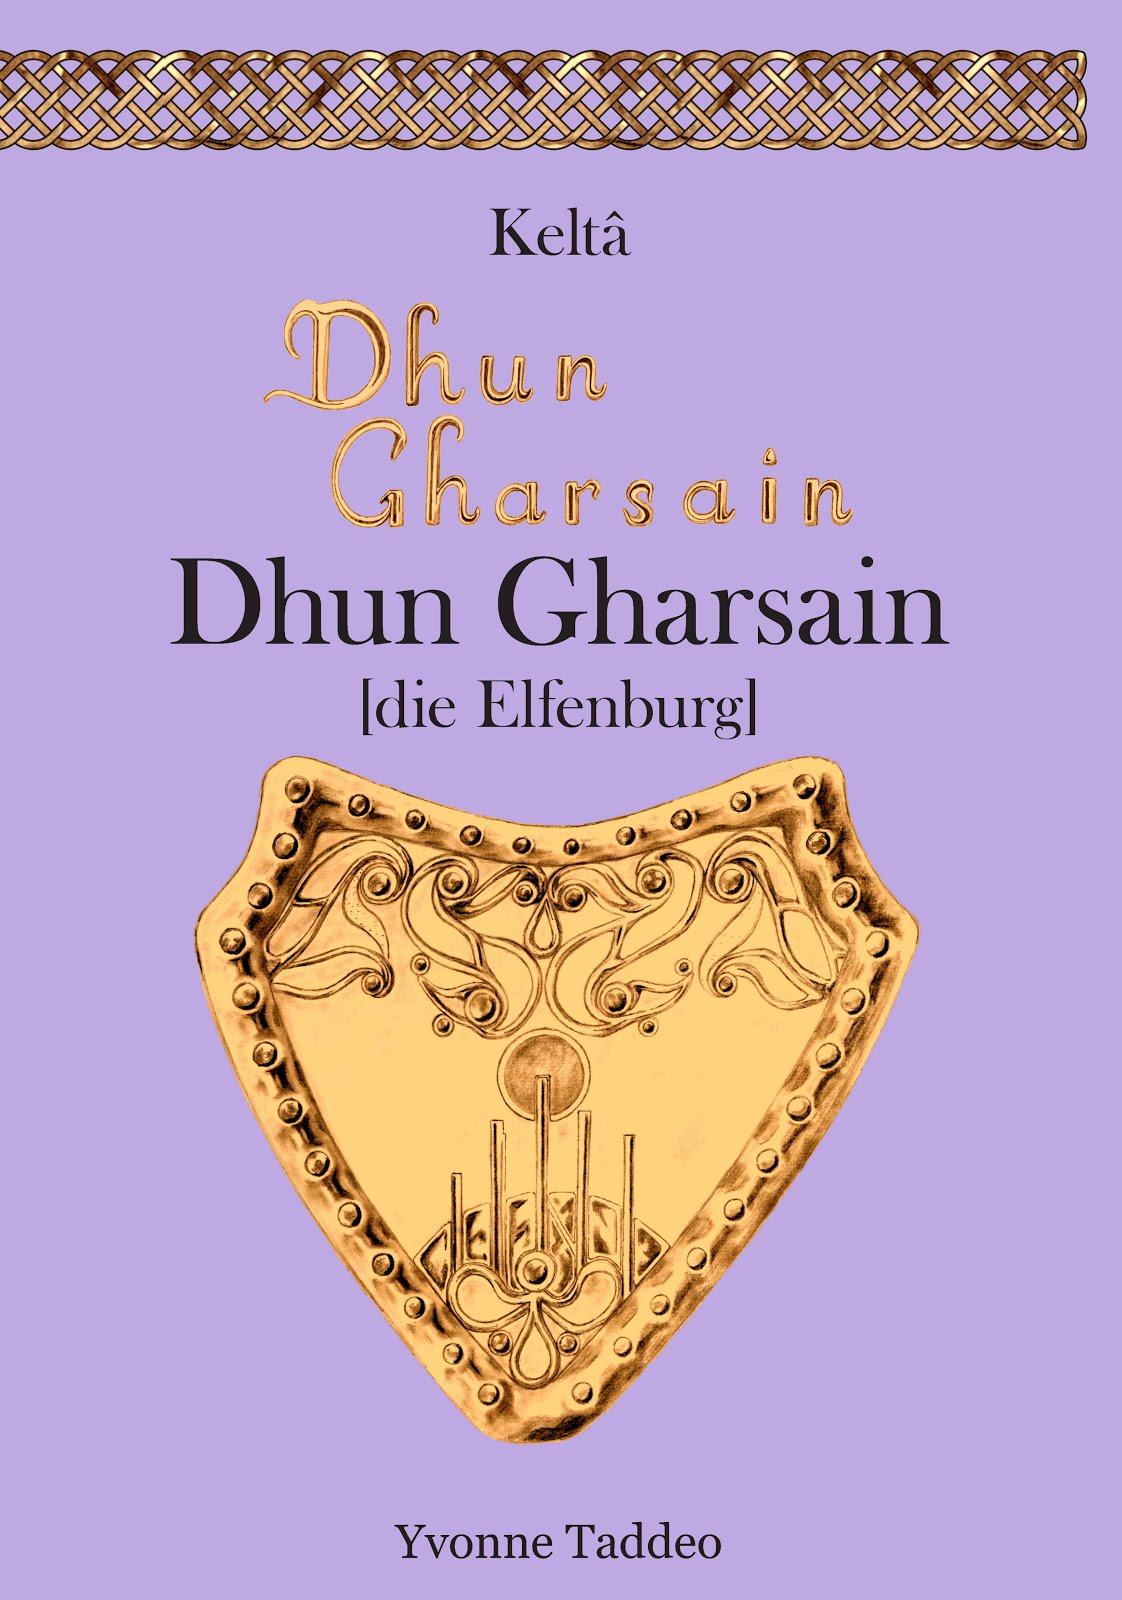 Dhun Gharsain